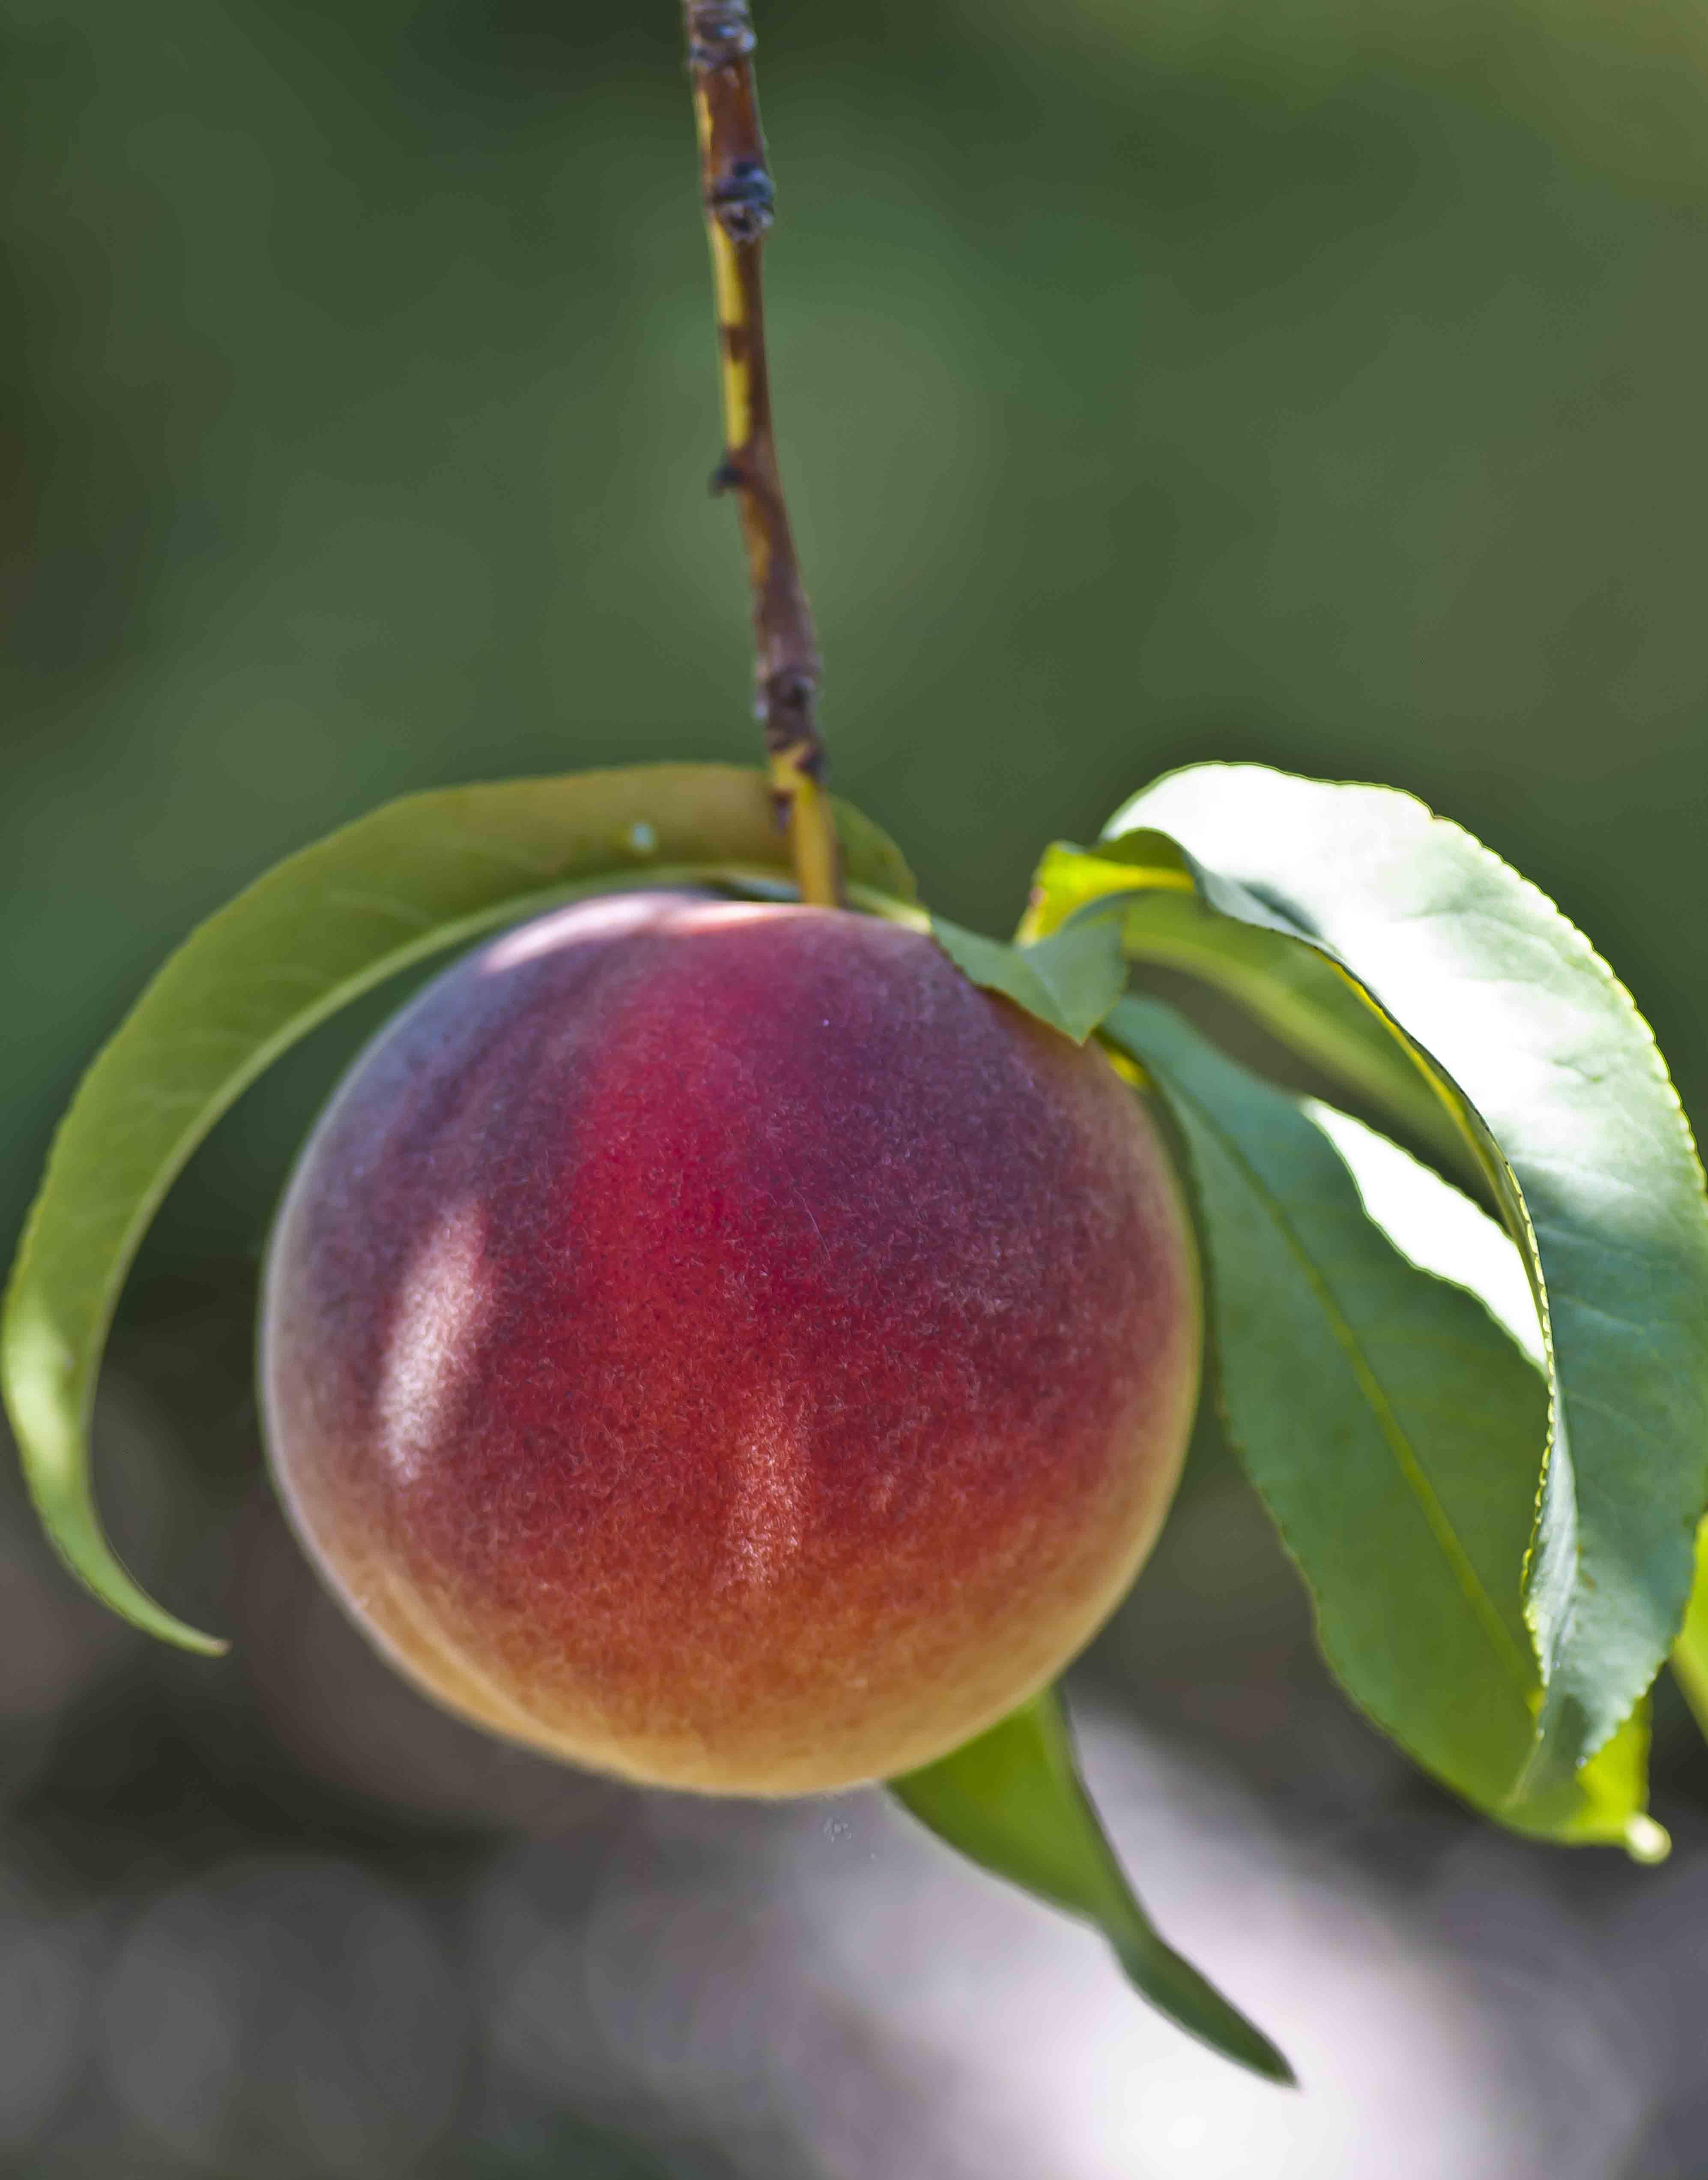 Ain't that a peach